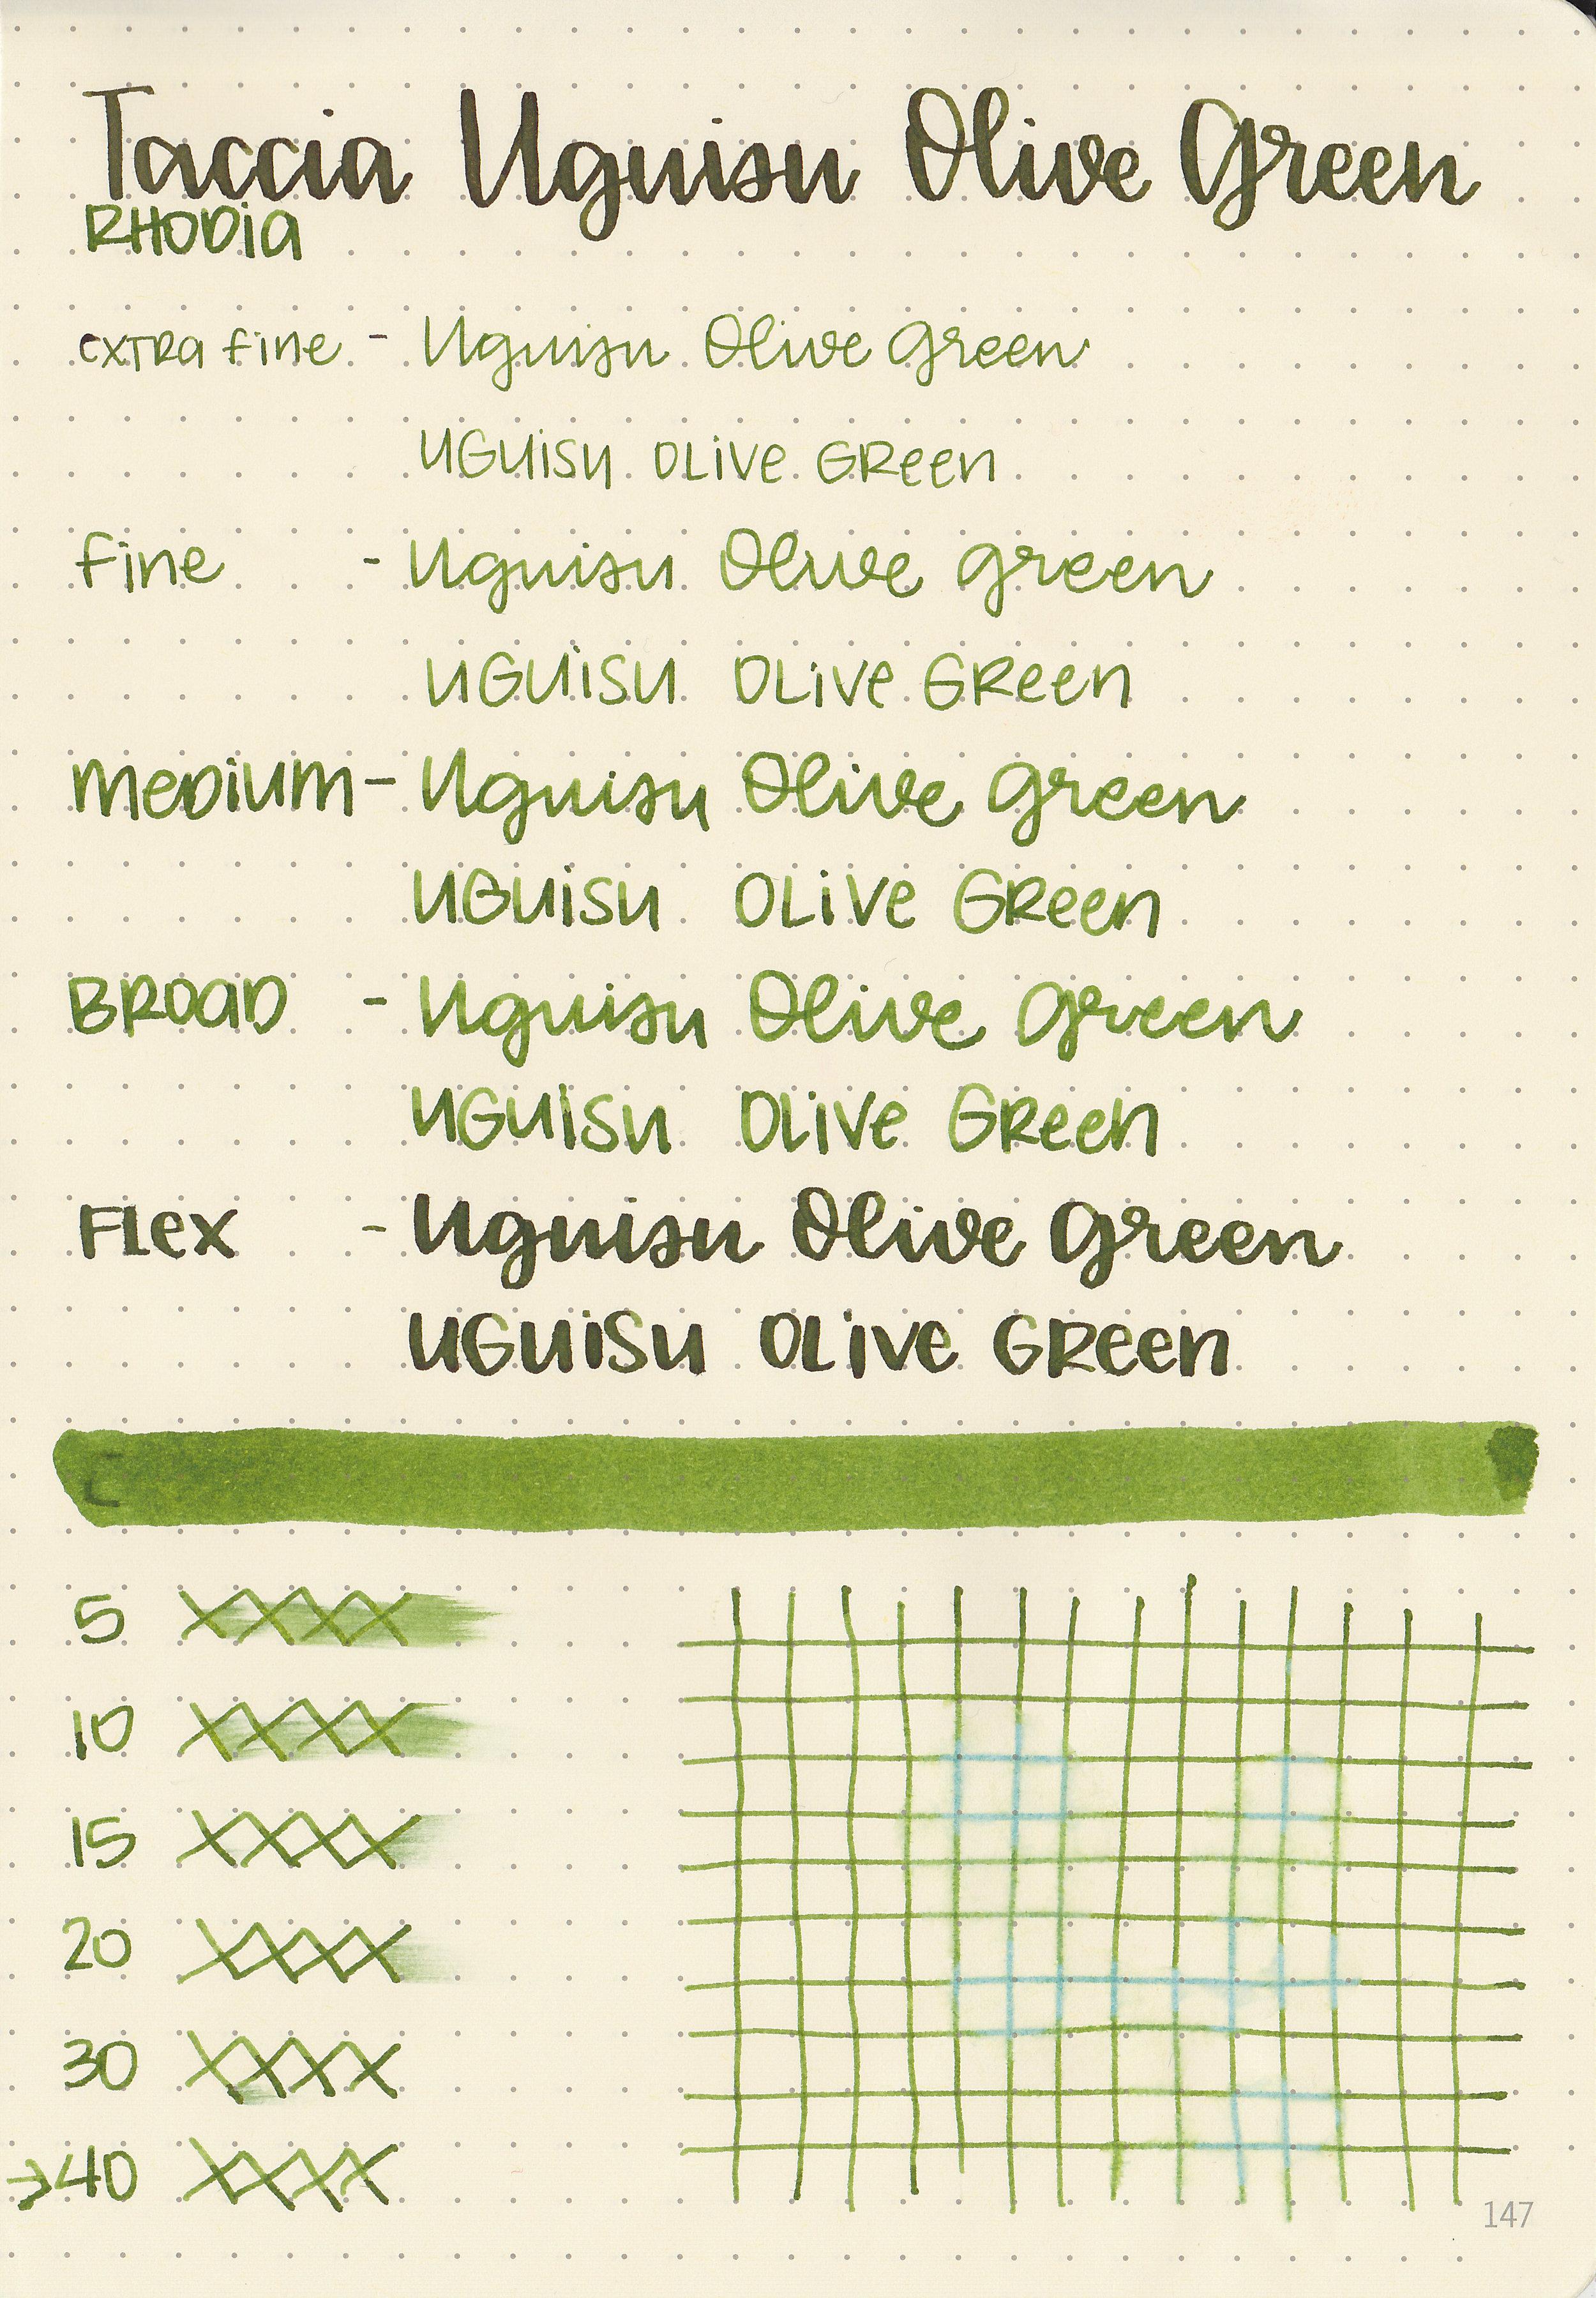 tac-uguisu-olive-green-5.jpg